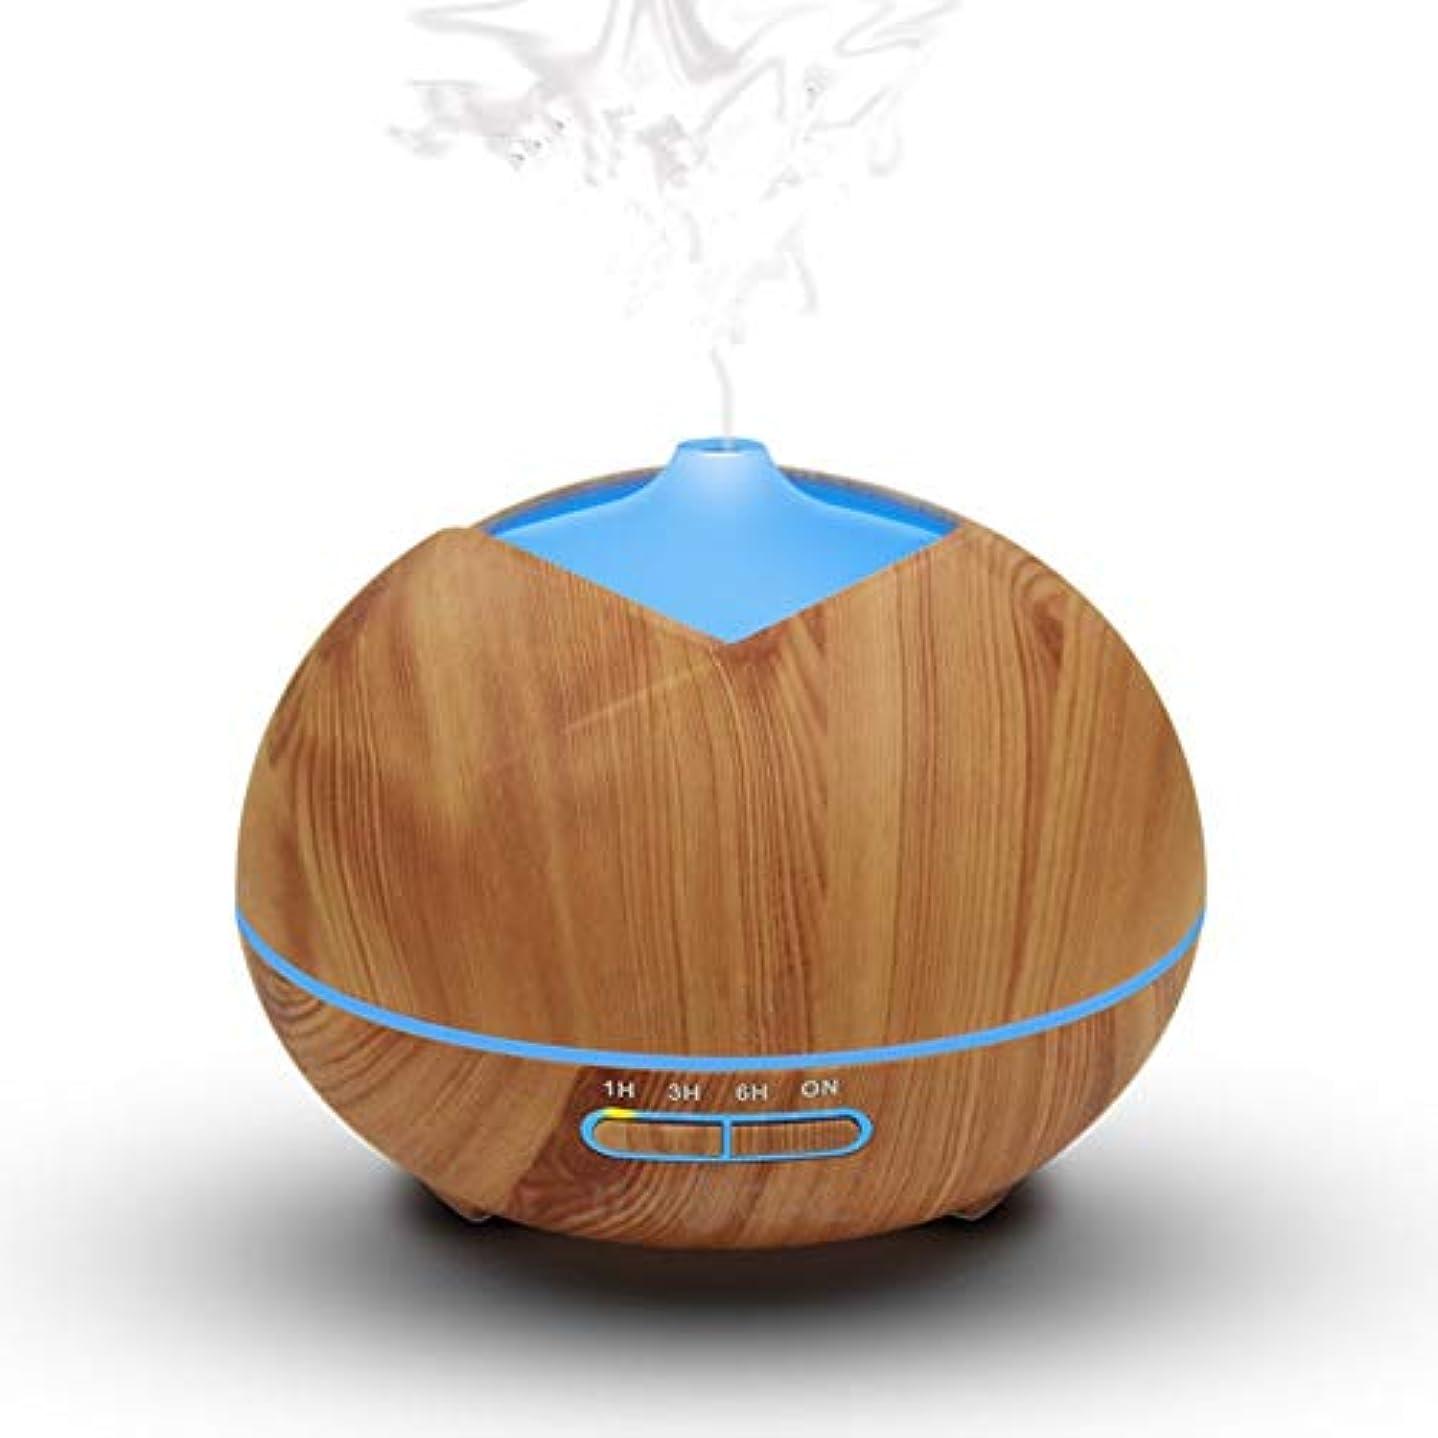 ペルー経過戸惑うAMAZACER 環境に優しい材料木目エッセンシャルオイルディフューザーデスクトップ加湿器超音波クールミスト、赤ちゃんホームオフィス-Bの13x17cm(5x7inch)用アロマディフューザー (Color : A, Size : 13x17cm)